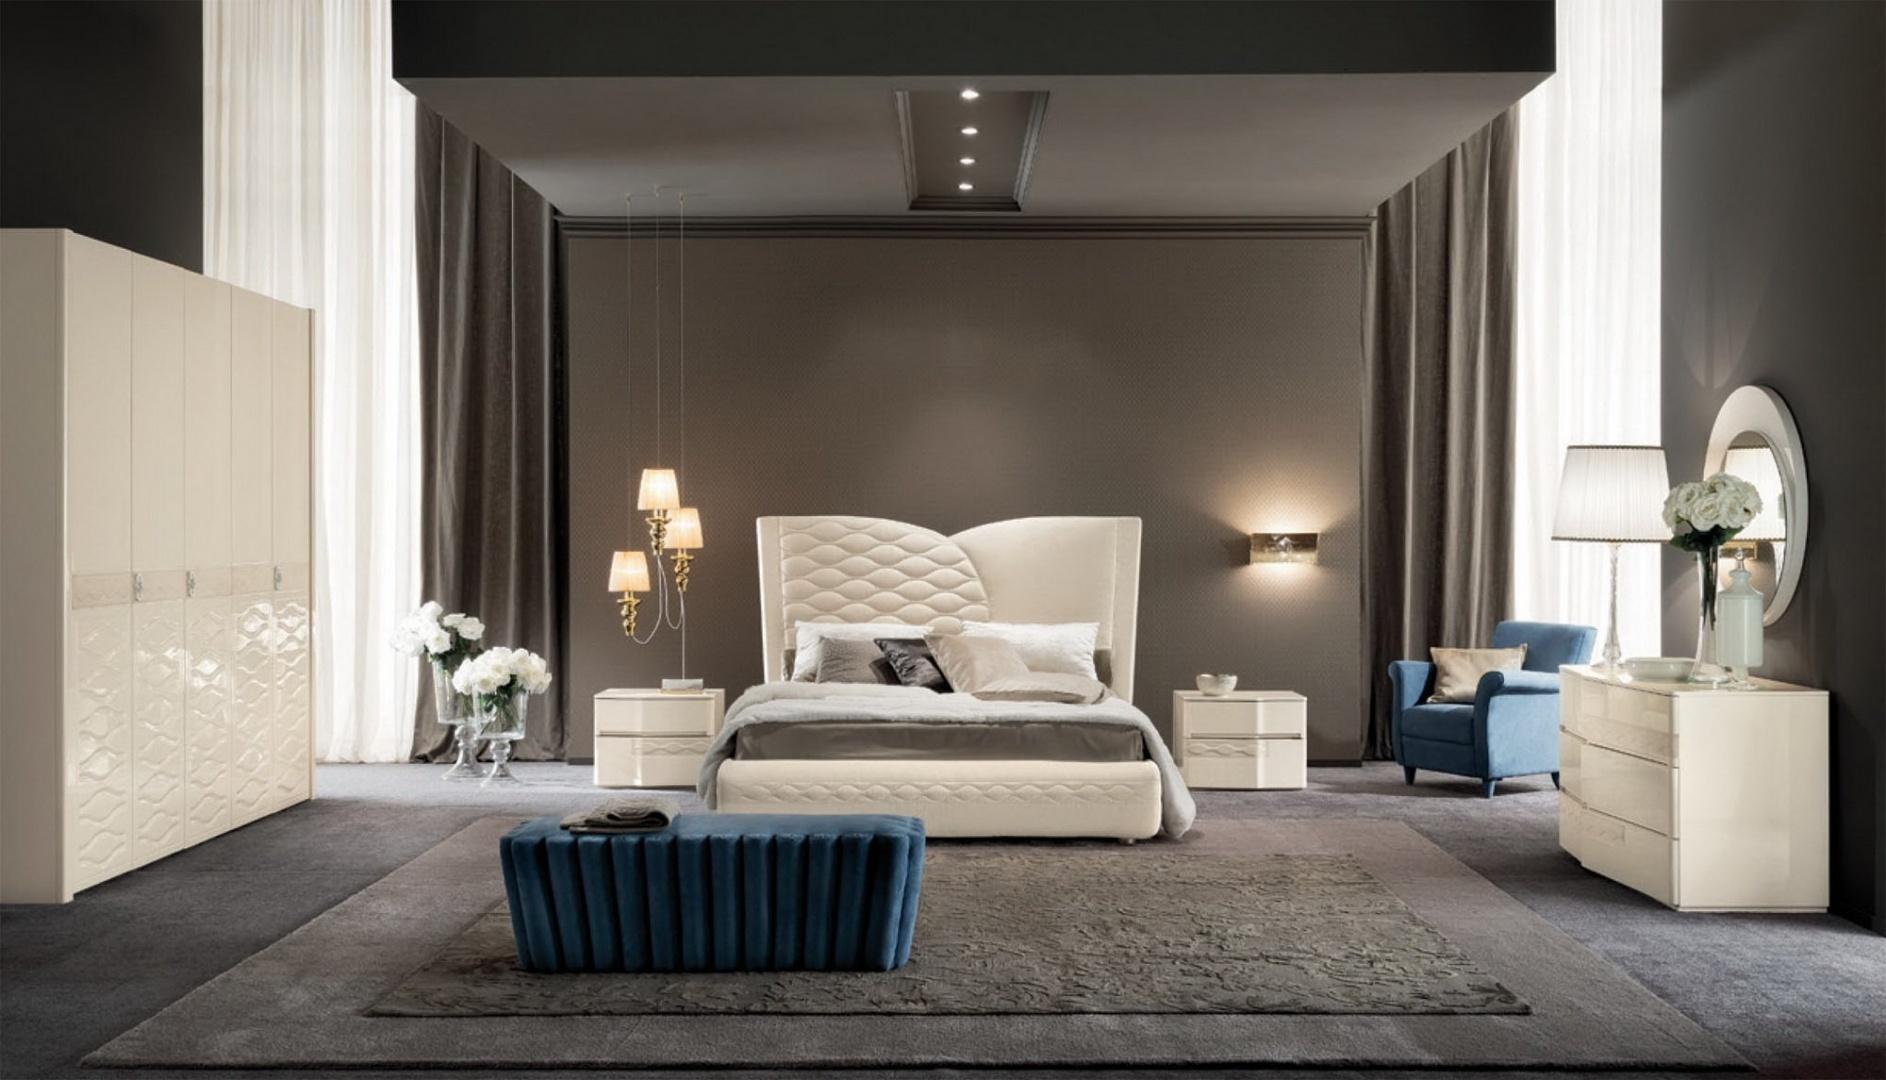 Chanel спальня IM 537